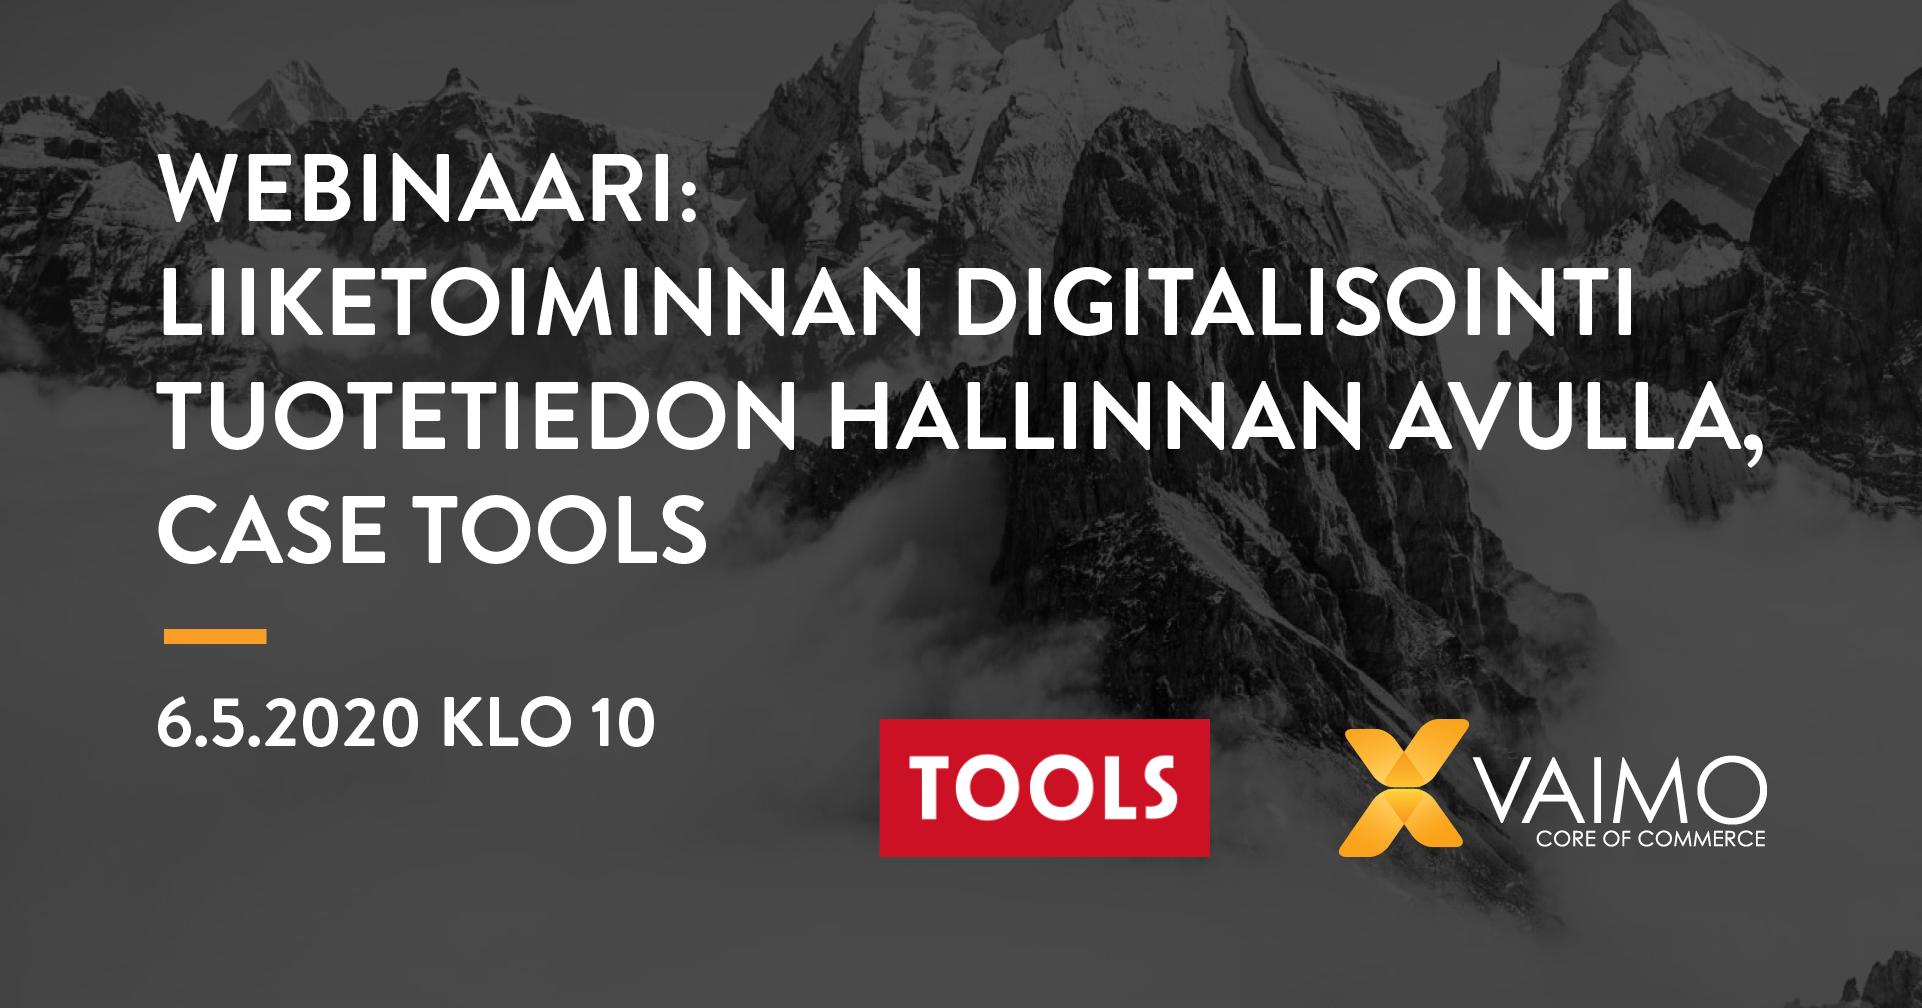 webinaari-vaimo-tools